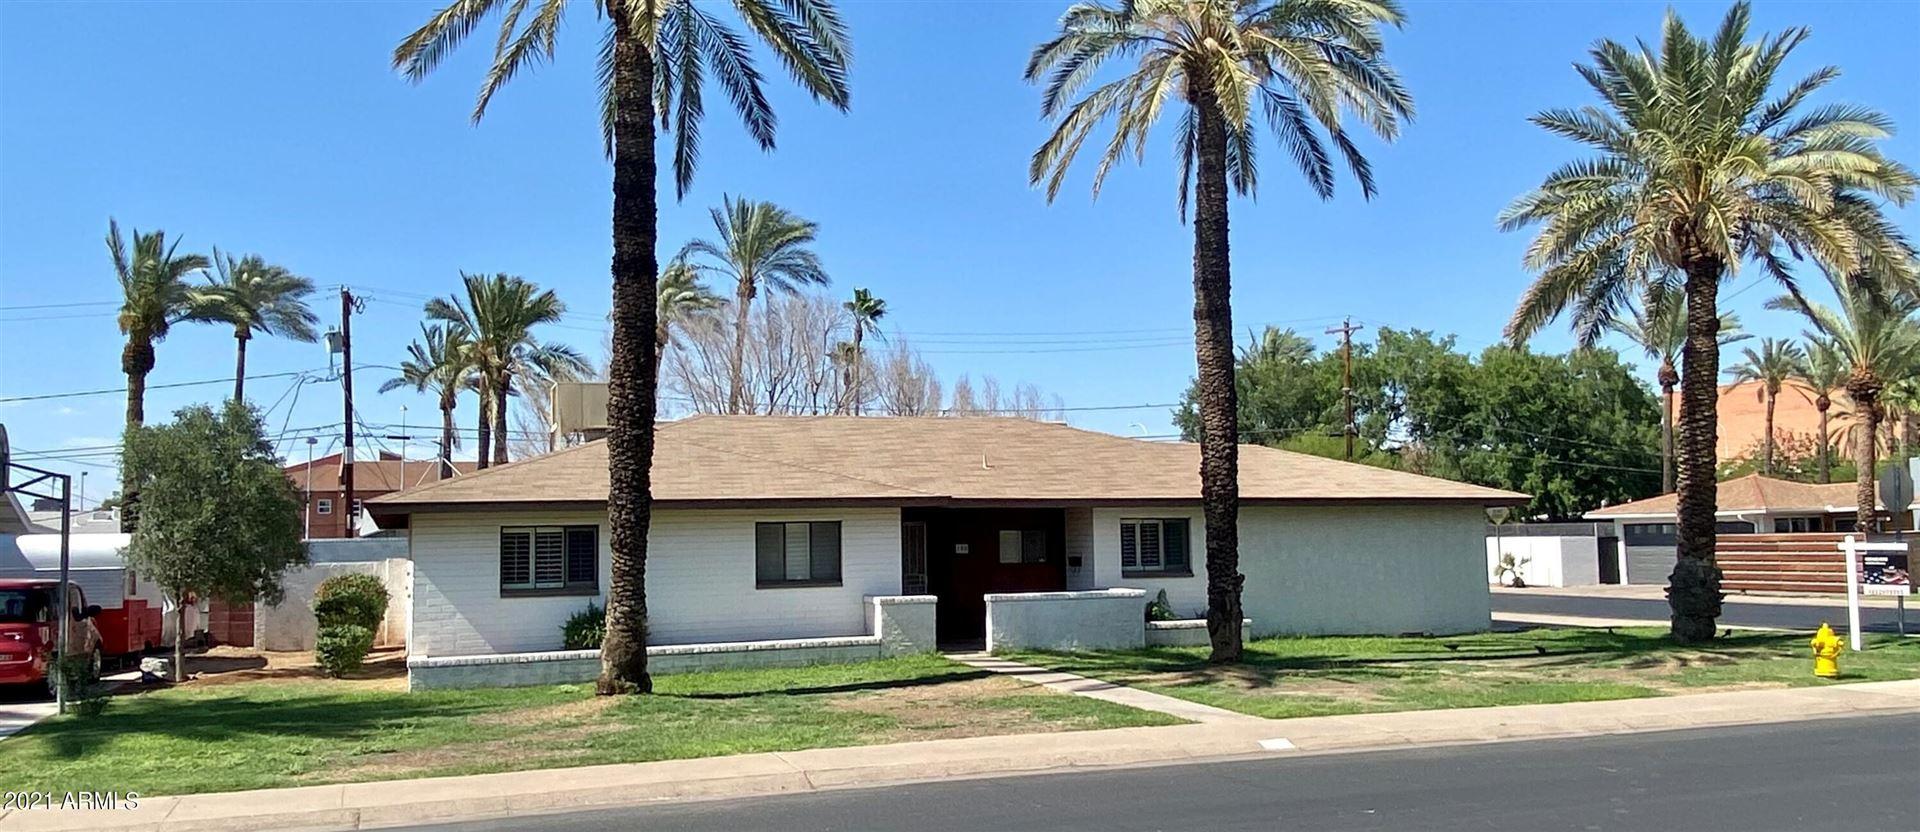 100 W PALMDALE Drive, Tempe, AZ 85282 - MLS#: 6231152